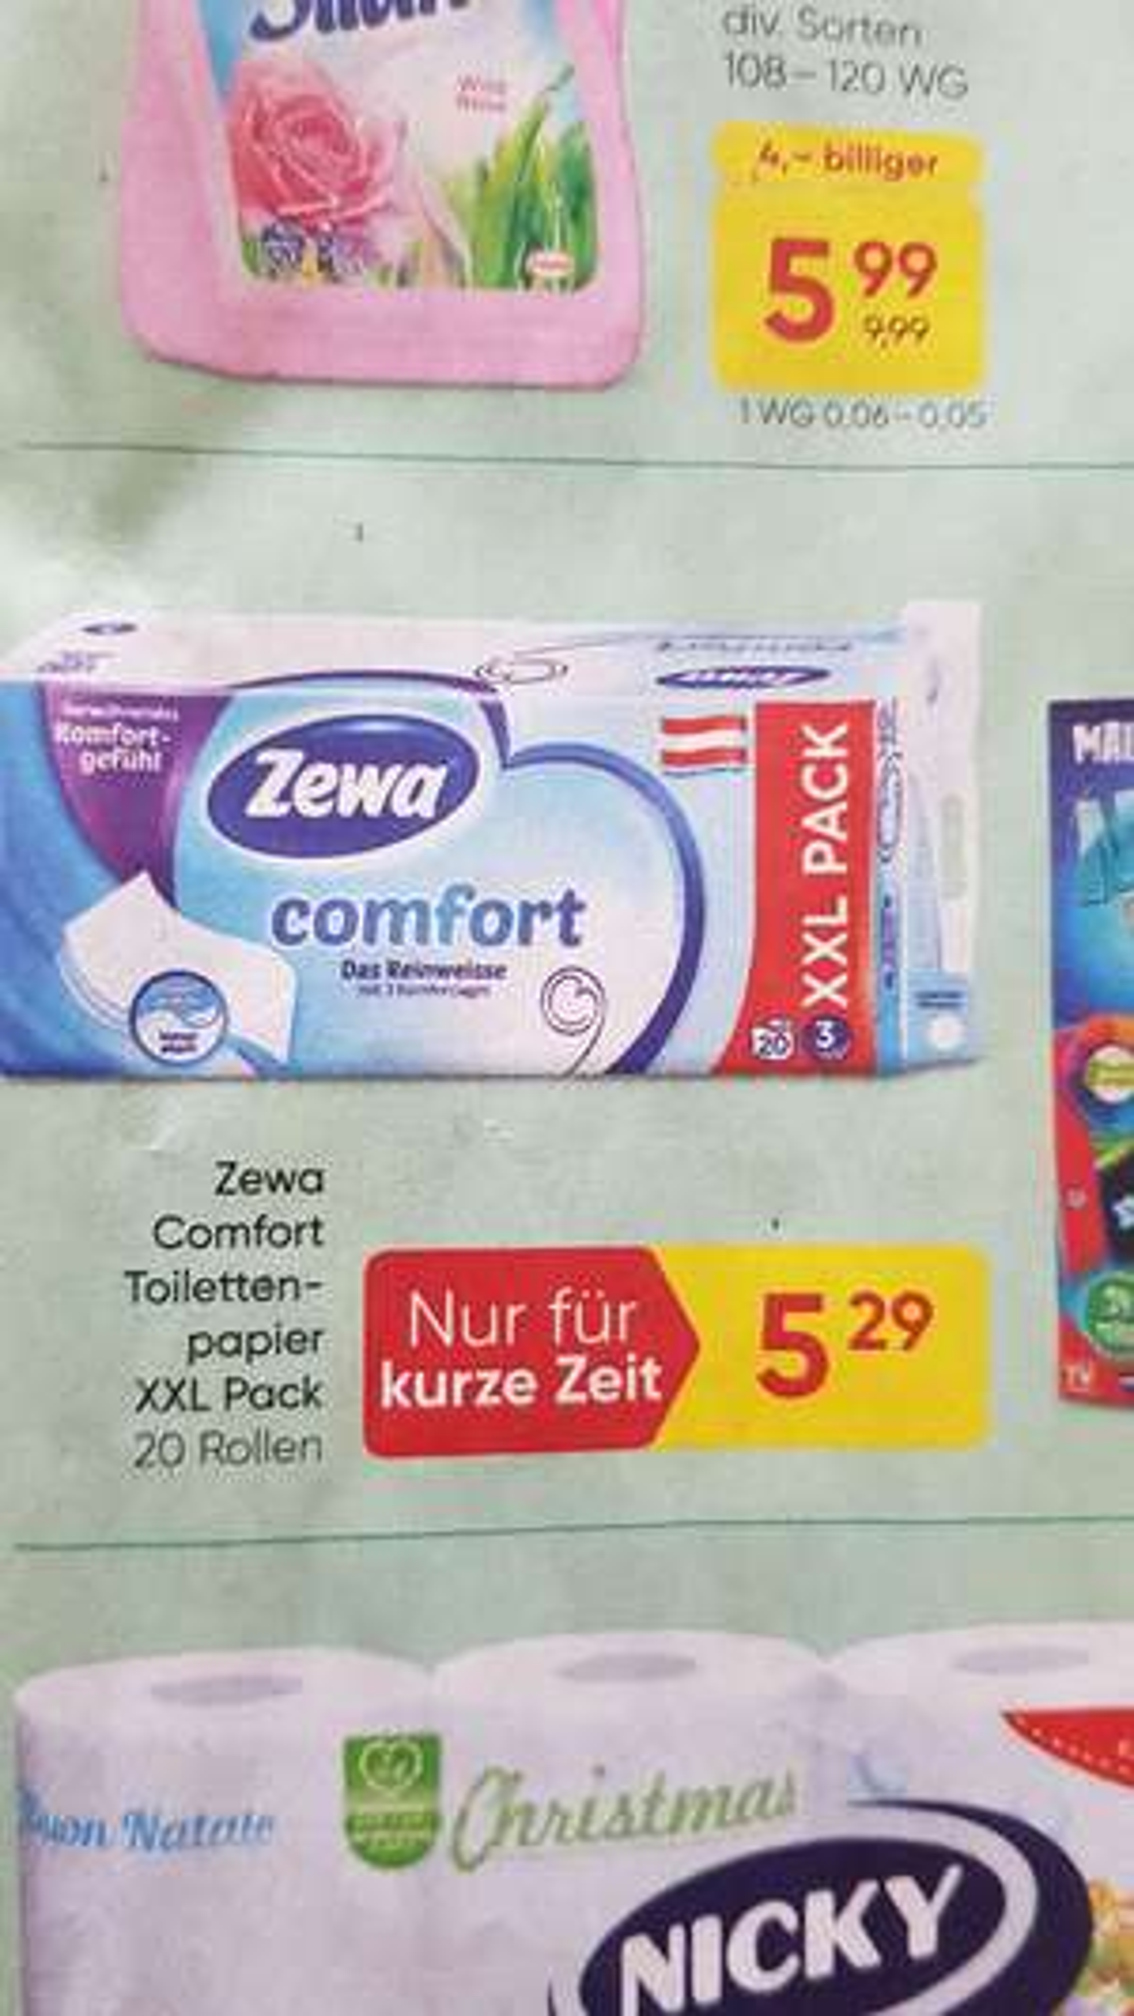 Zewa Toilettenpapier - Merkur